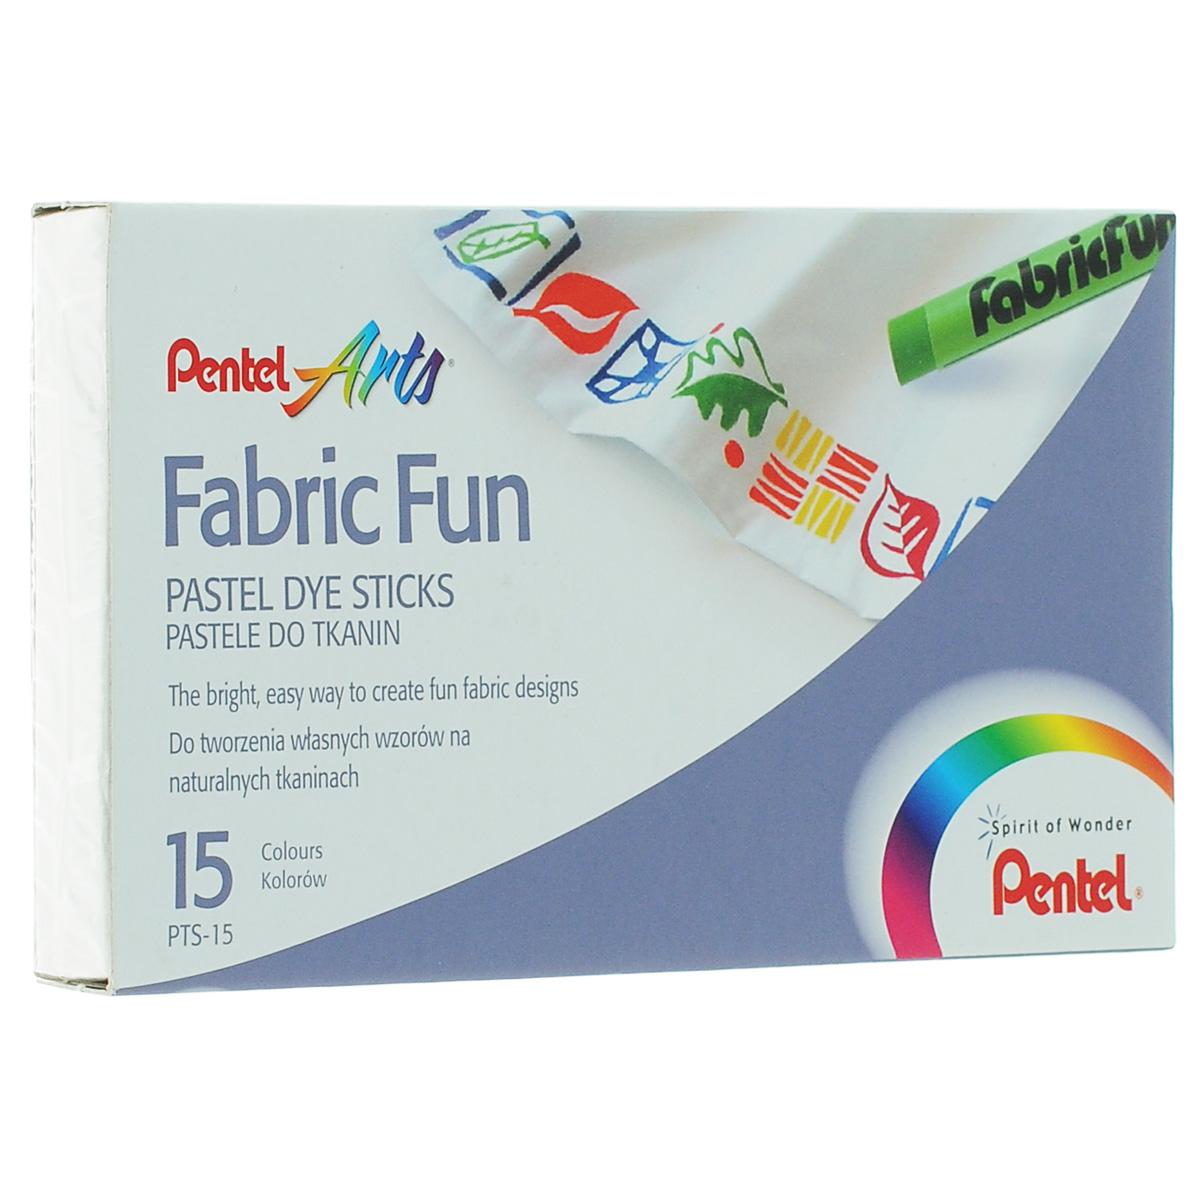 Пастель для ткани Pentel  Fabric Fun , 15 цветов -  Мелки и пастель